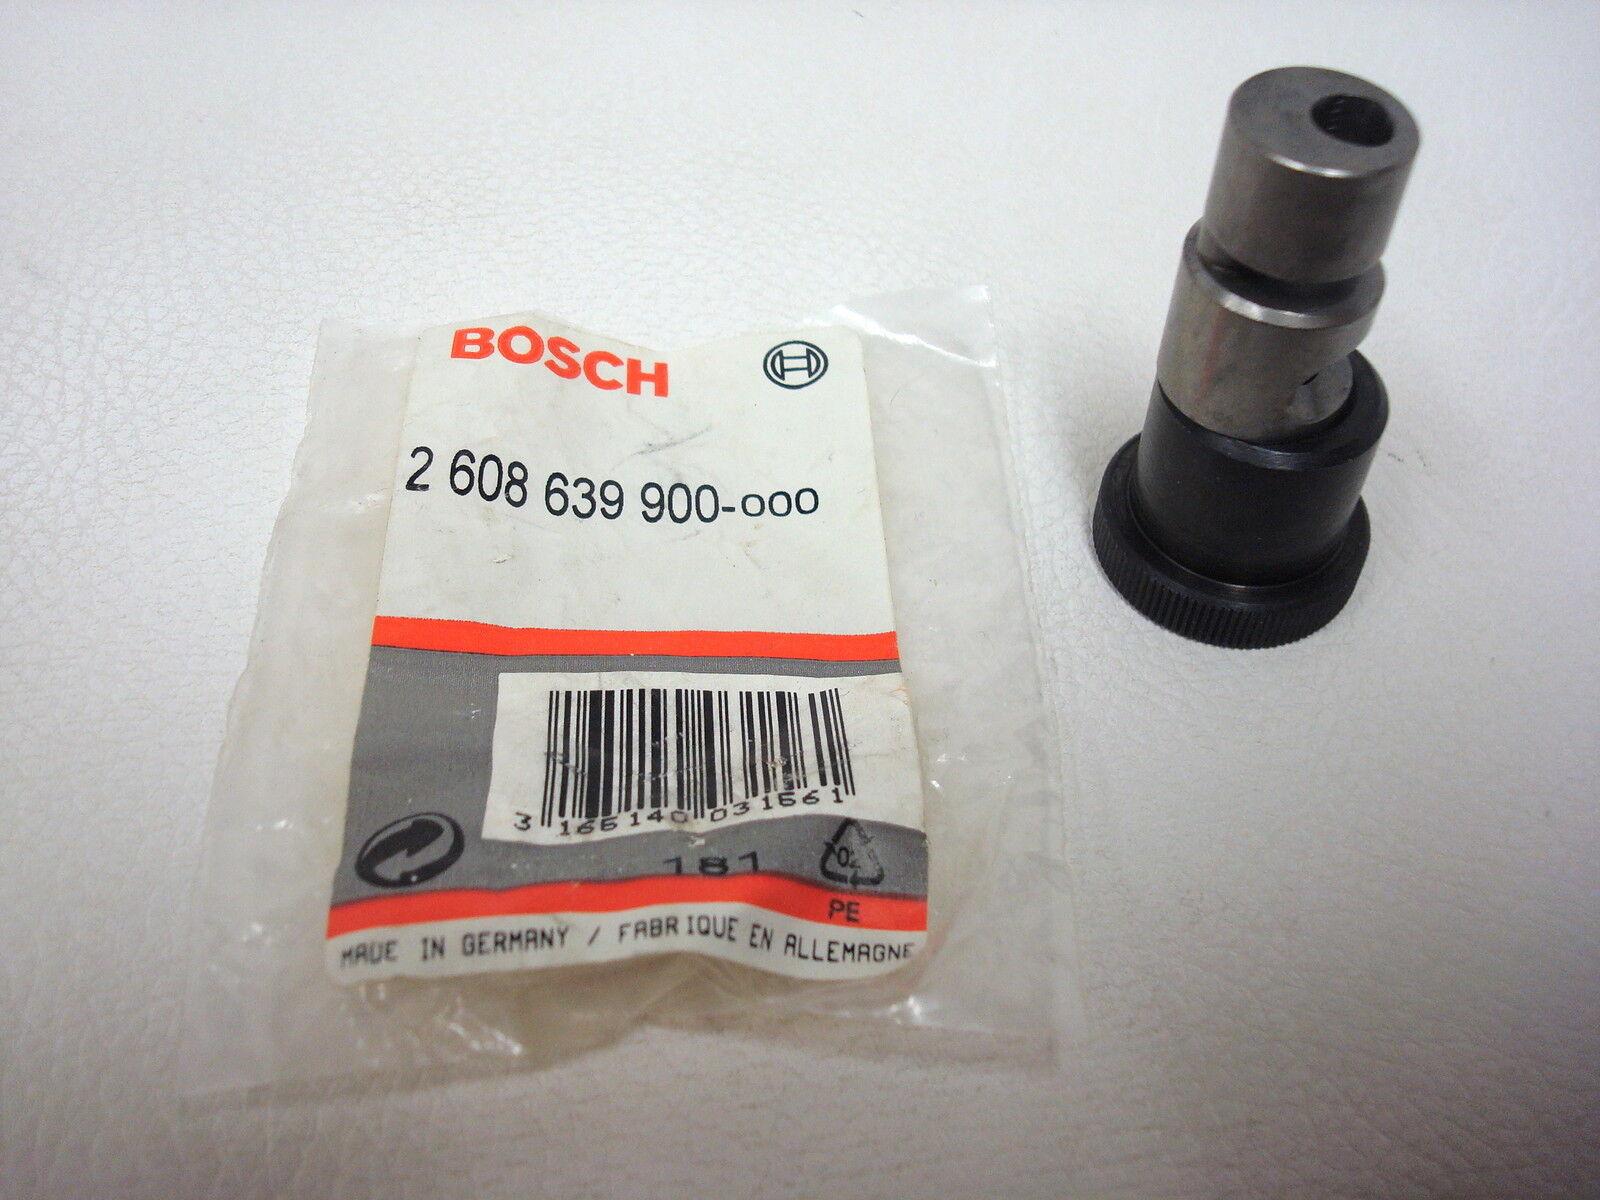 Bosch Original Versiegelt Nibbler Drehgelenk Sterben Teil  2608639900 für Modell